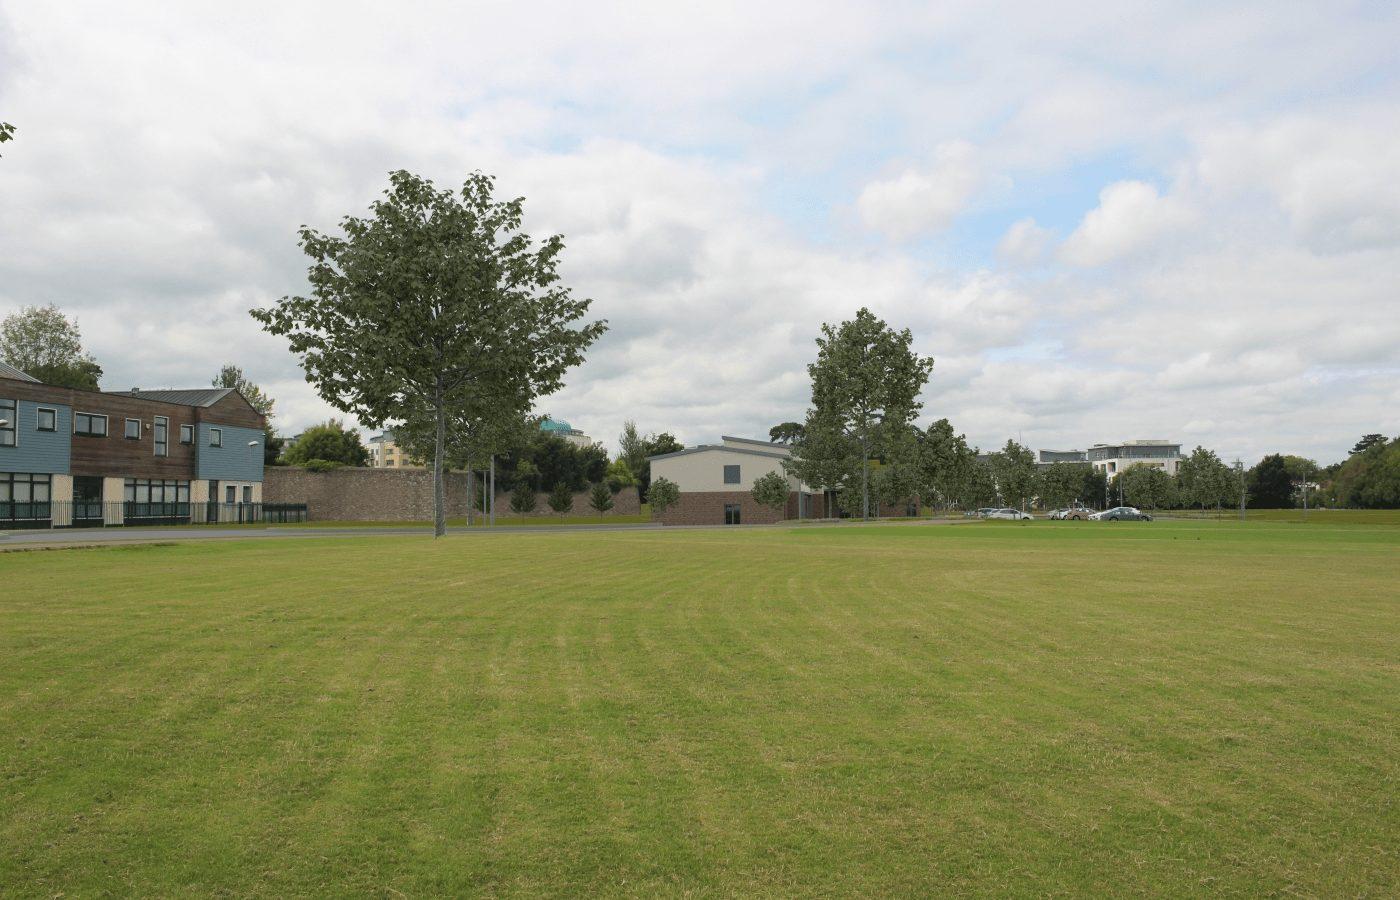 St. Tiernan's School, After 4, Resized